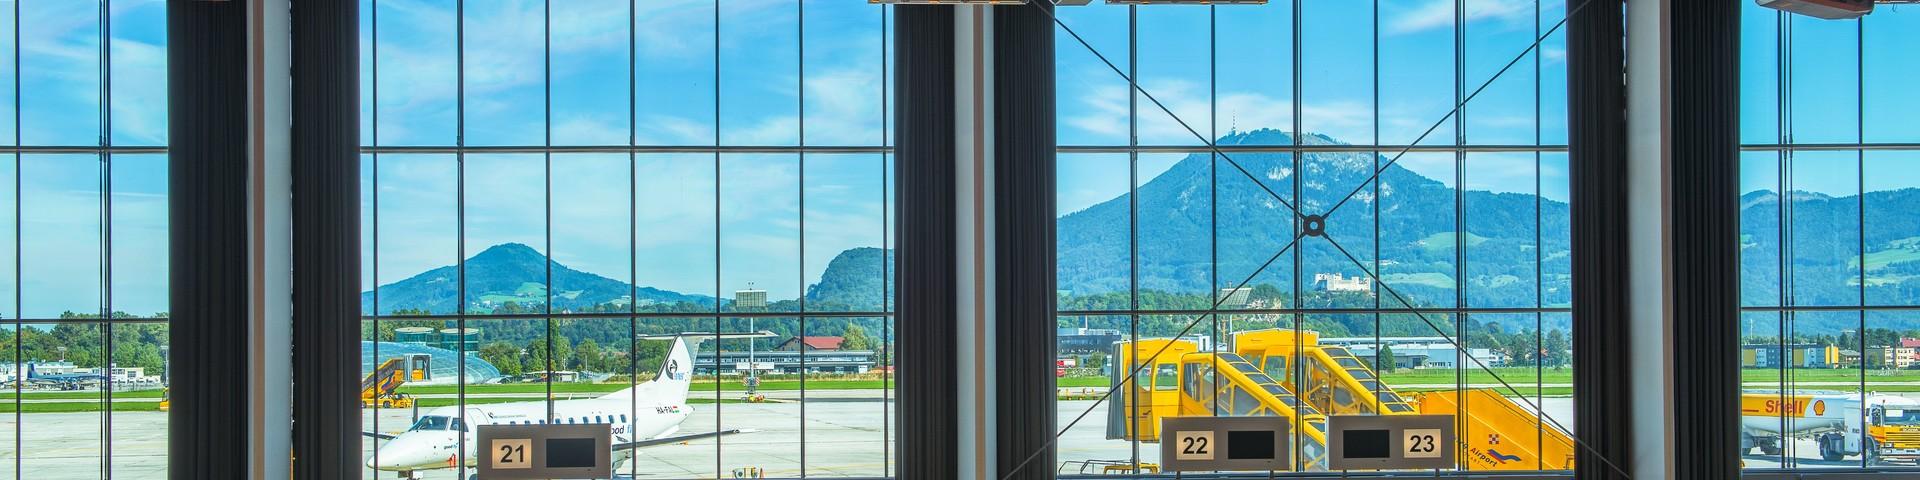 amadeus terminal 2 - Blick nach draussen © amadeus terminal 2